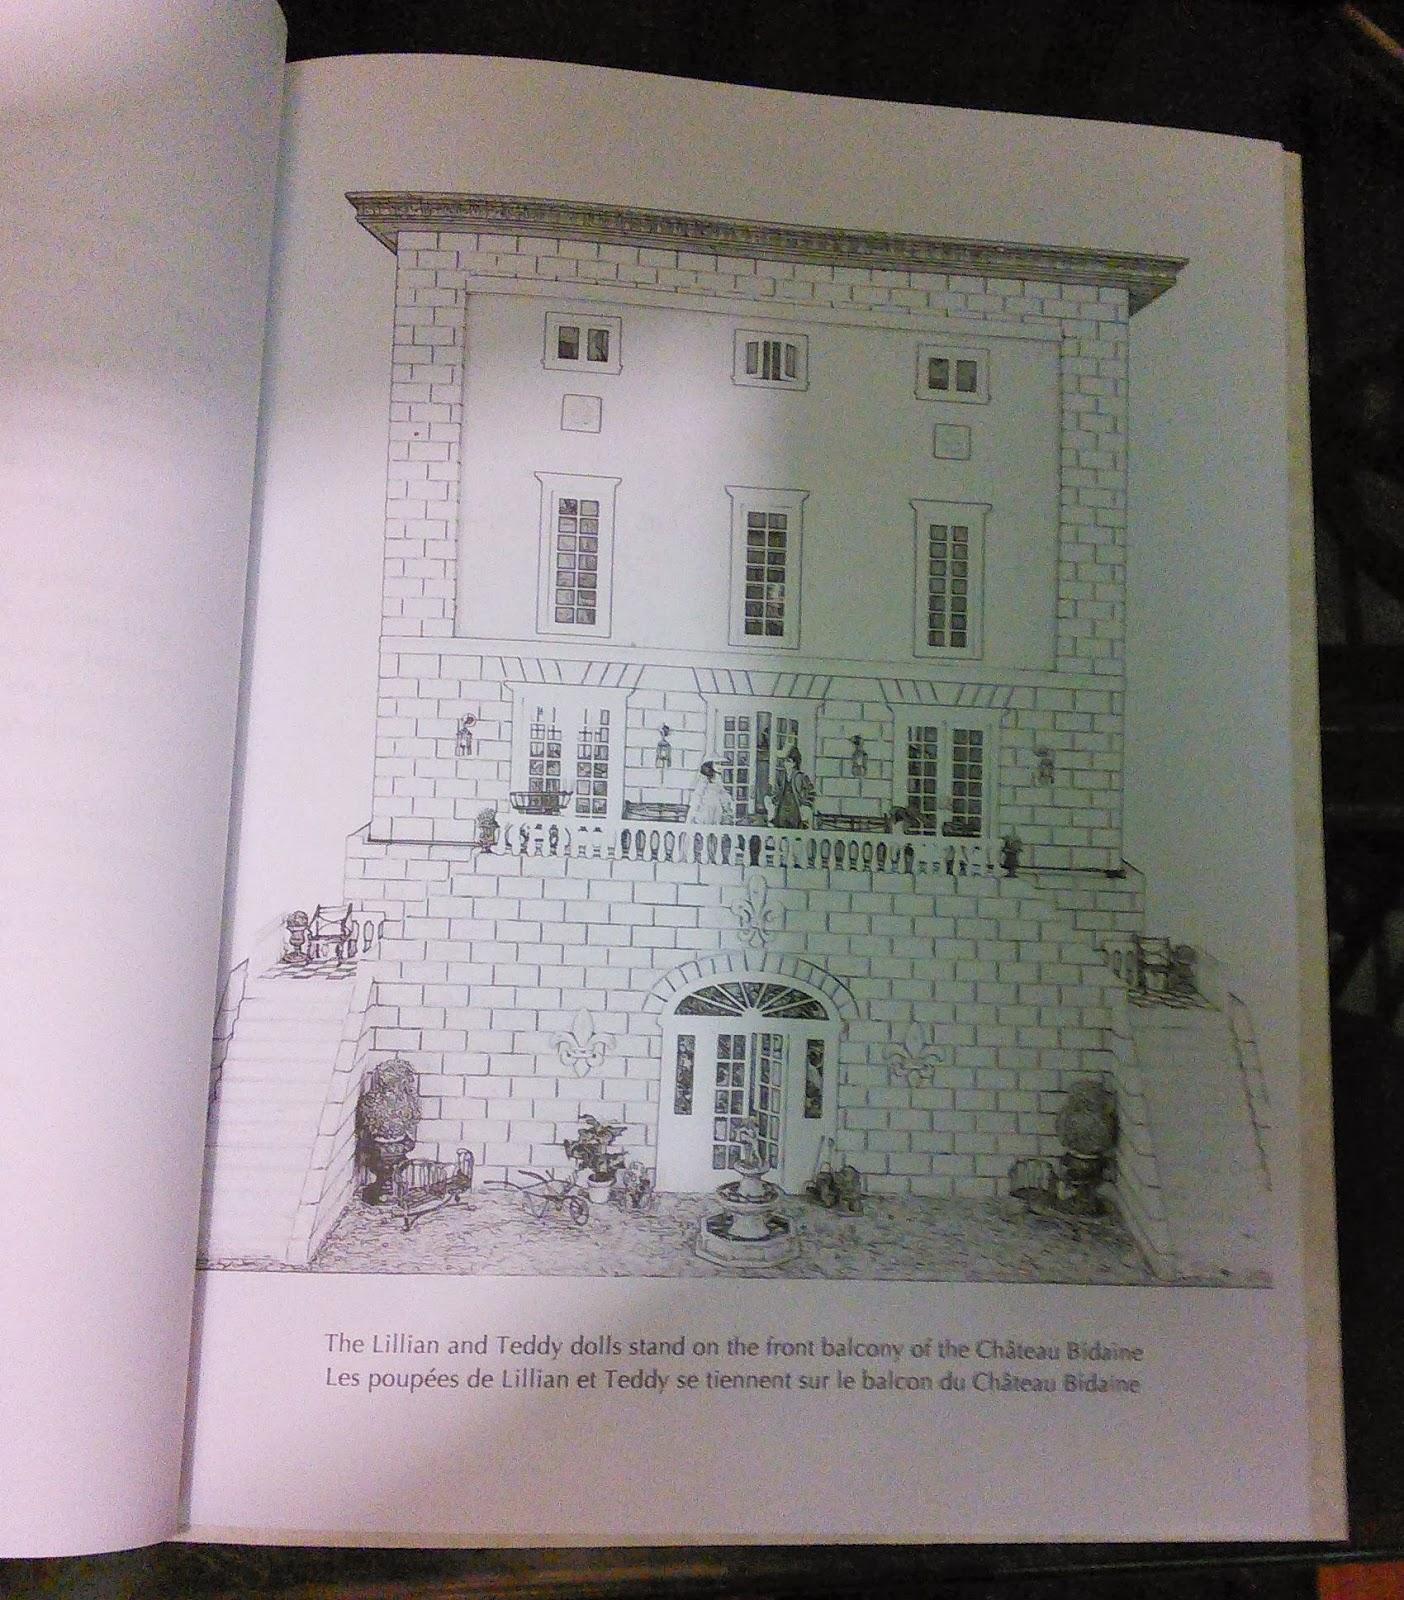 Le Chateau Bidaine